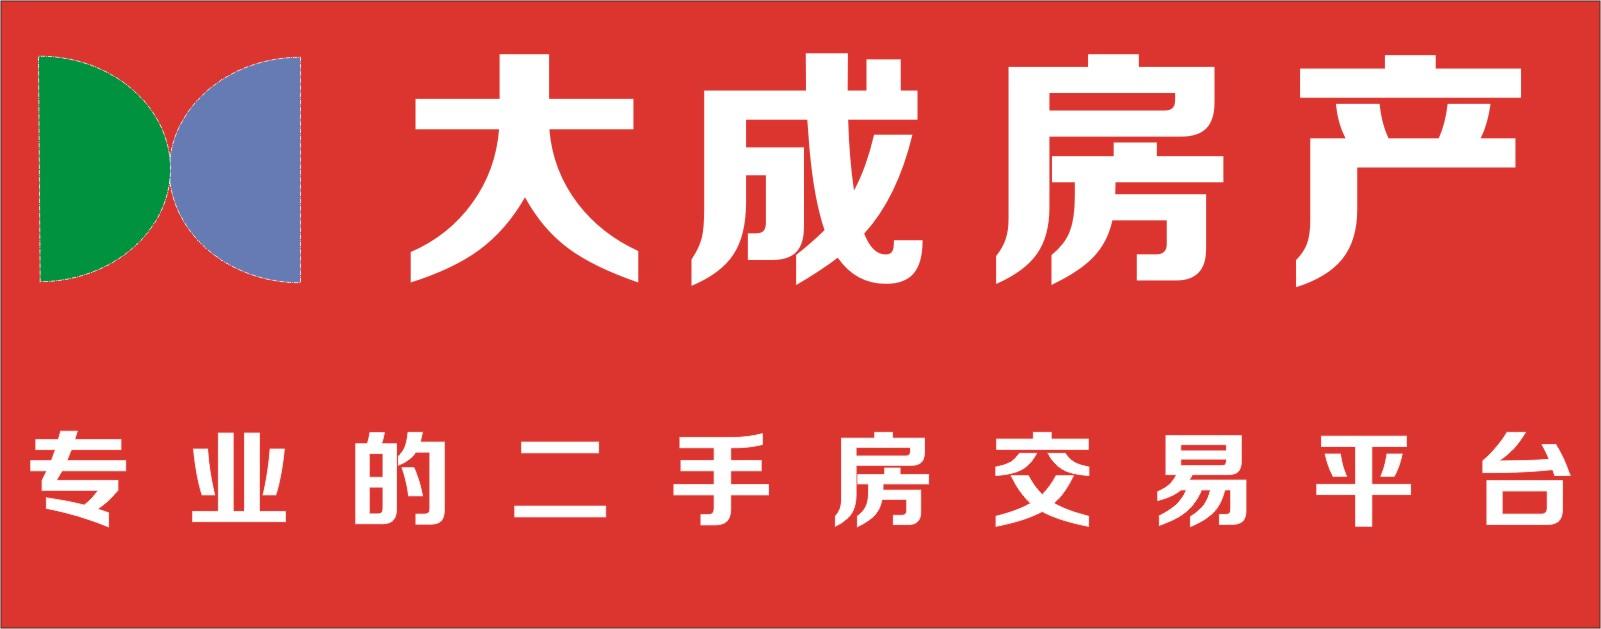 郑州大成房地产营销策划有限公司